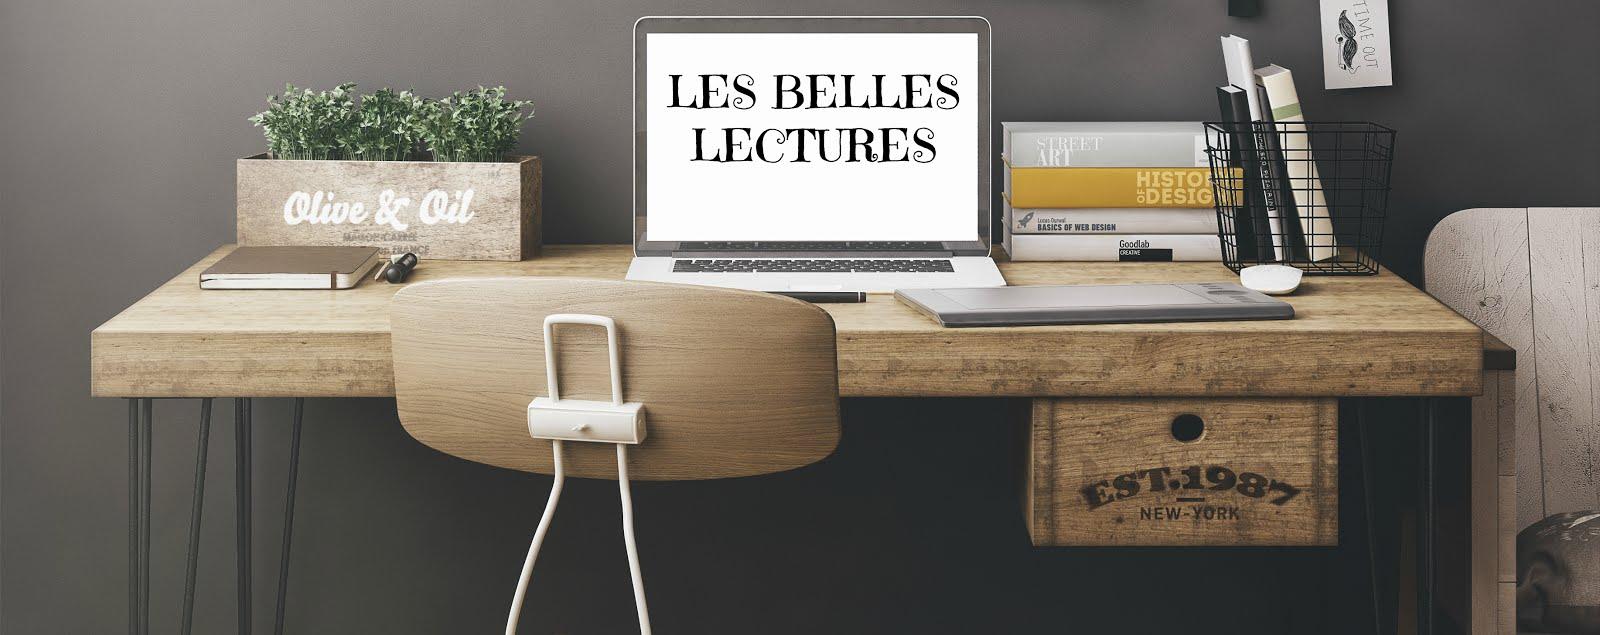 Les Belles Lectures